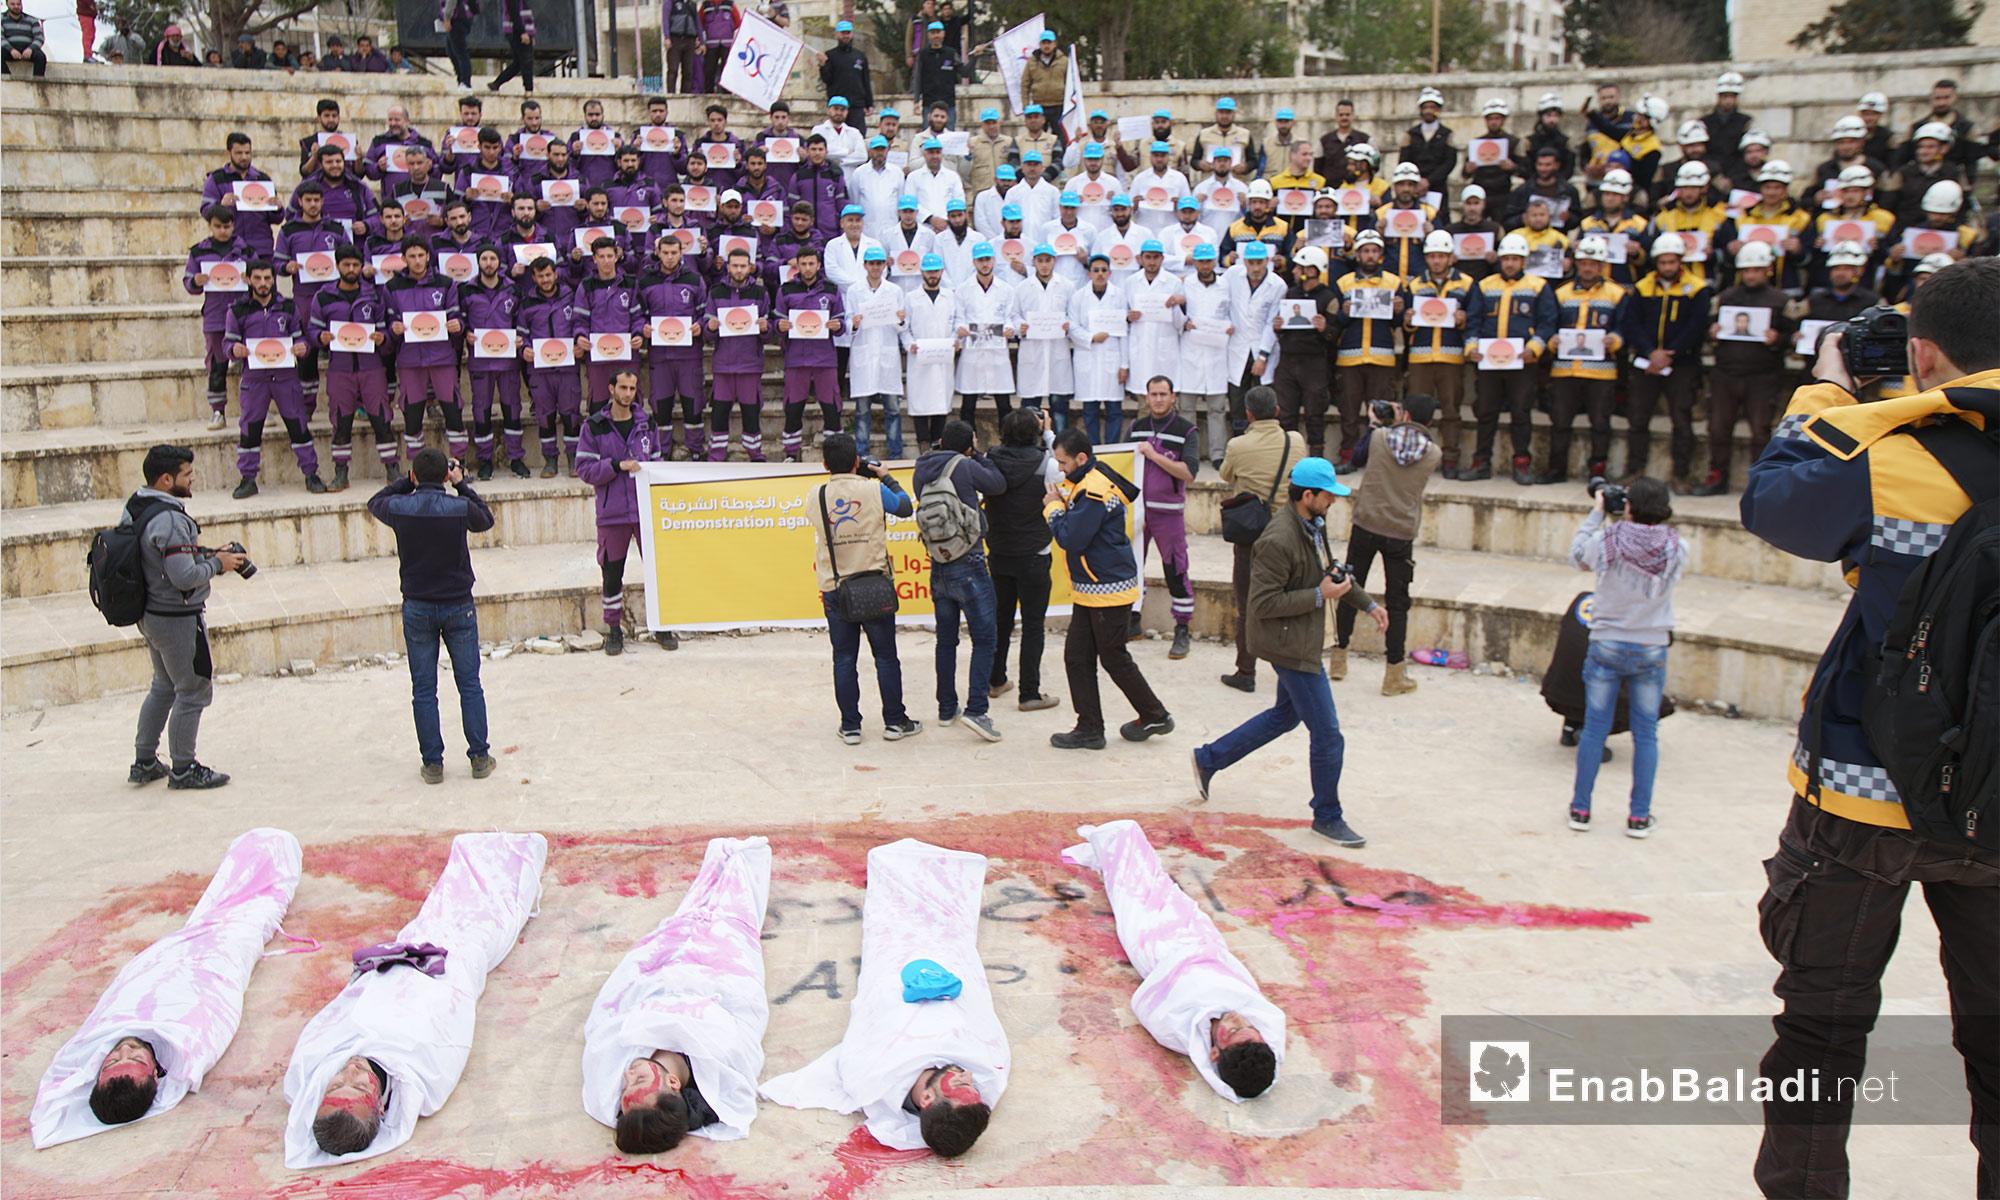 مشهد تمثيلي خلال وقفة احتجاجية لمنظمة بنفسج ومديرية الصحة والدفاع المدني في إدلب تضامنًا مع الغوطة - 10 آذار 2018 (عنب بلدي)